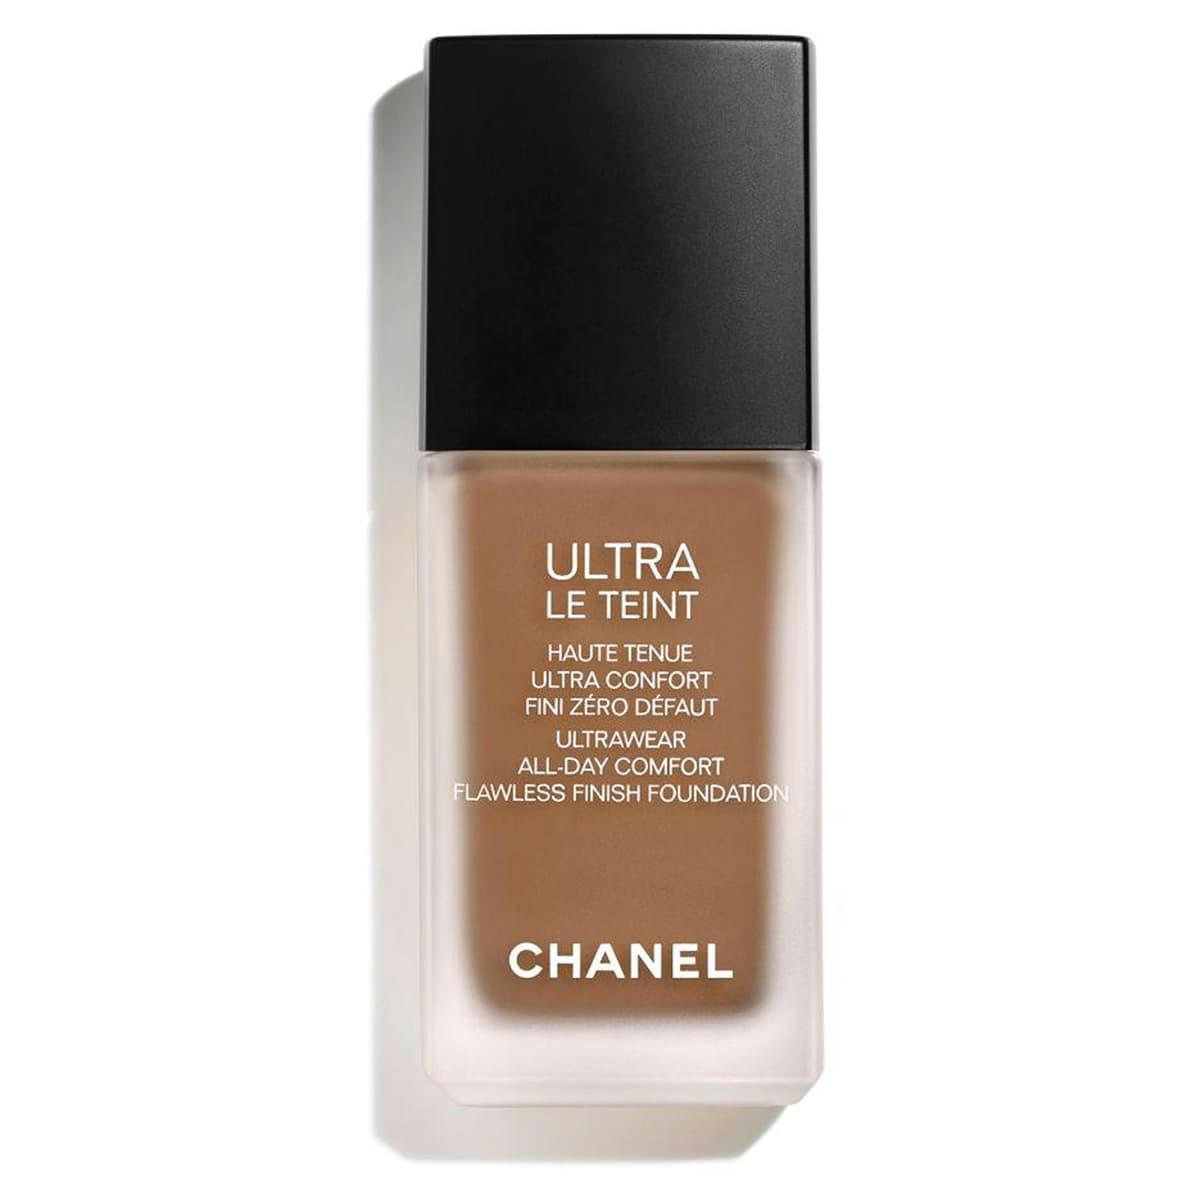 Chanel Ultra Le Teint Ultrawear Foundation BR152